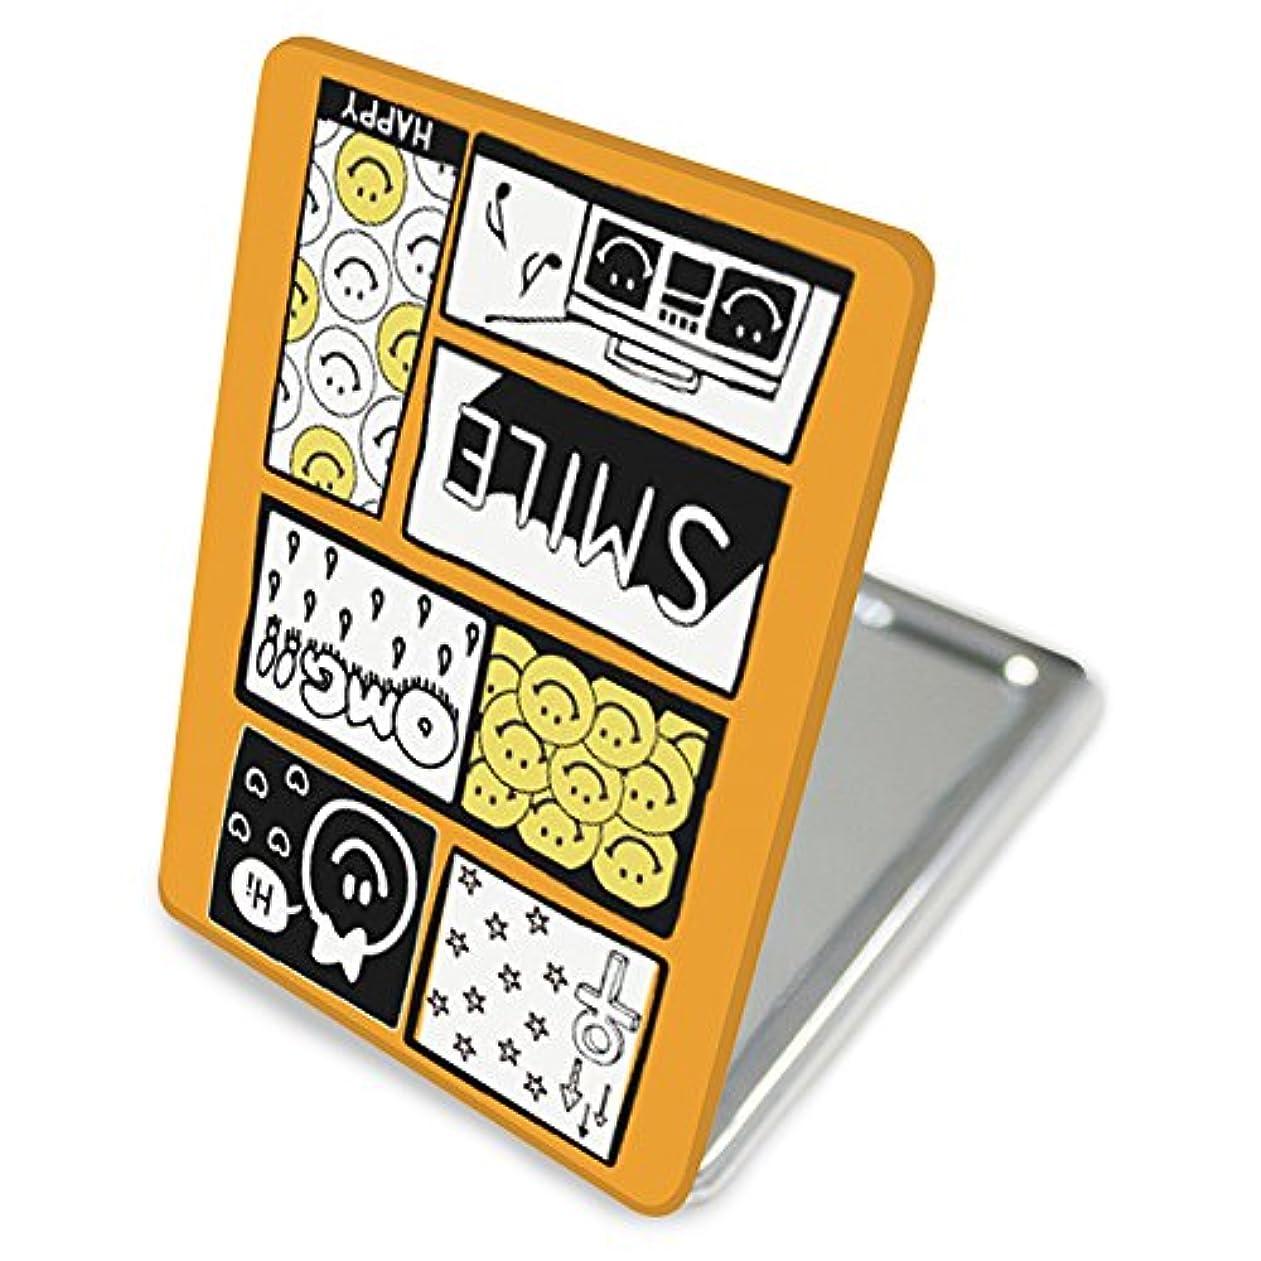 有利海嶺フォアマン(カリーナ) Carine 手鏡 コンパクトミラー ハンドミラー 拡大鏡付 持ち歩きに便利 かわいい kgm010(E) スマイル ポップ デザイン ニコちゃん